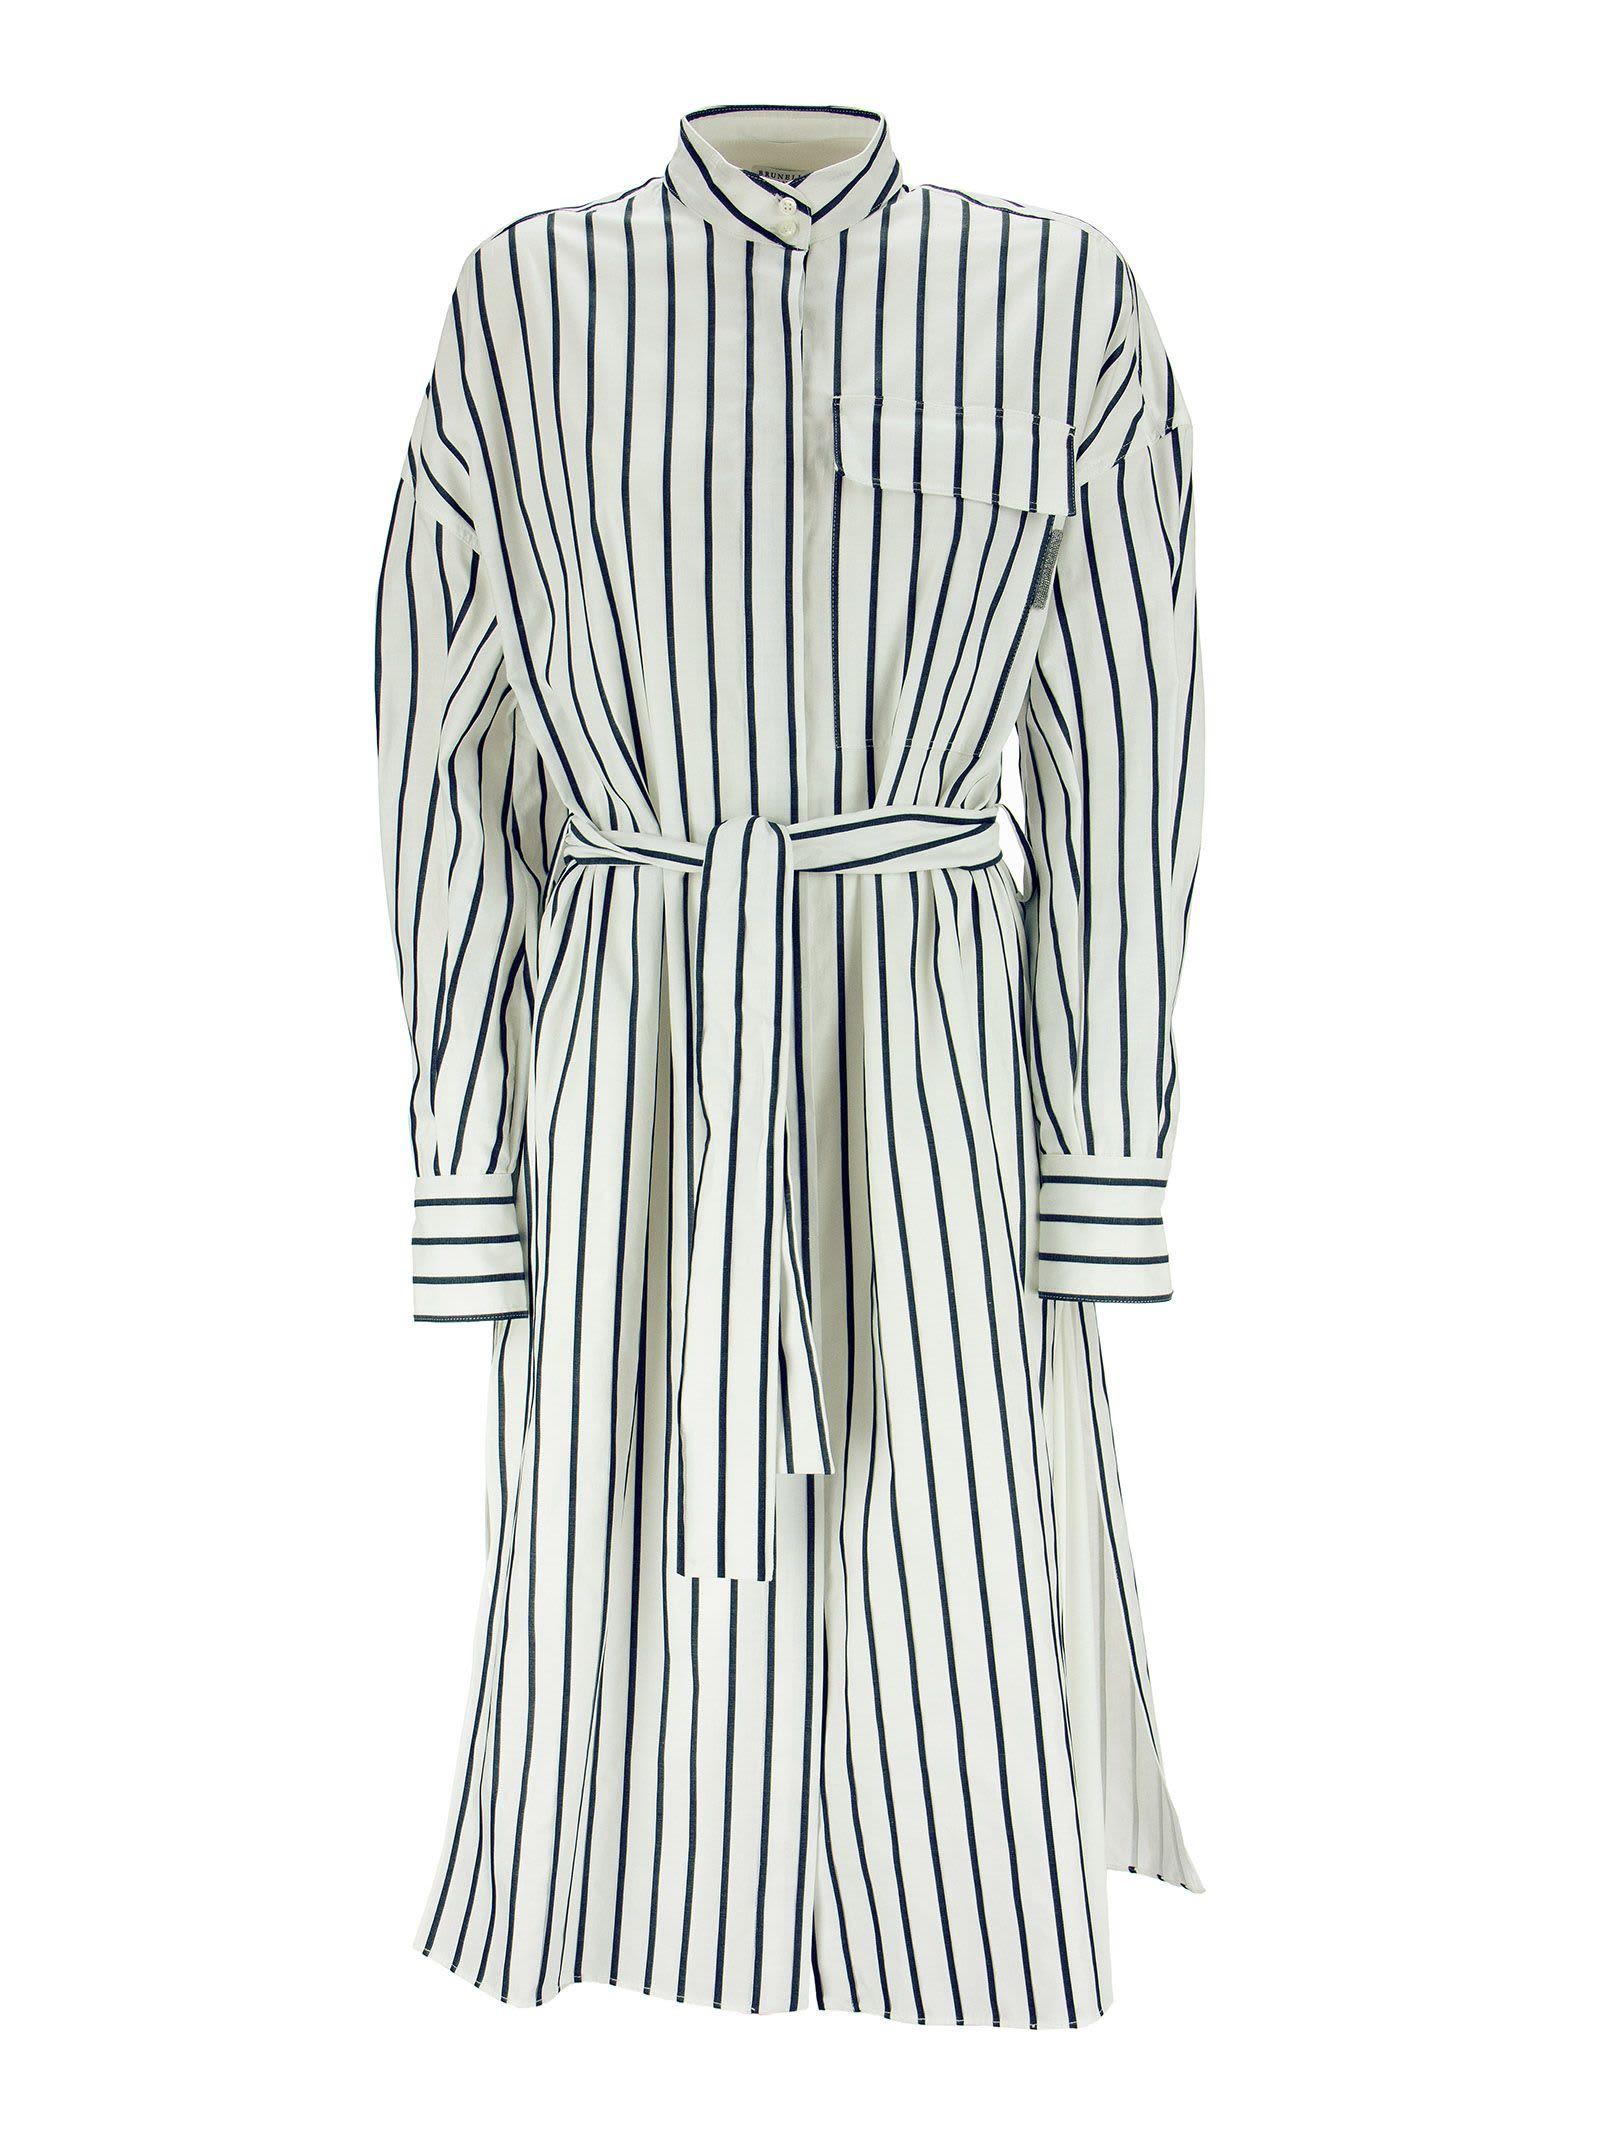 Brunello Cucinelli Cotton Regimental Stripe Poplin Shirt Dress With Belt